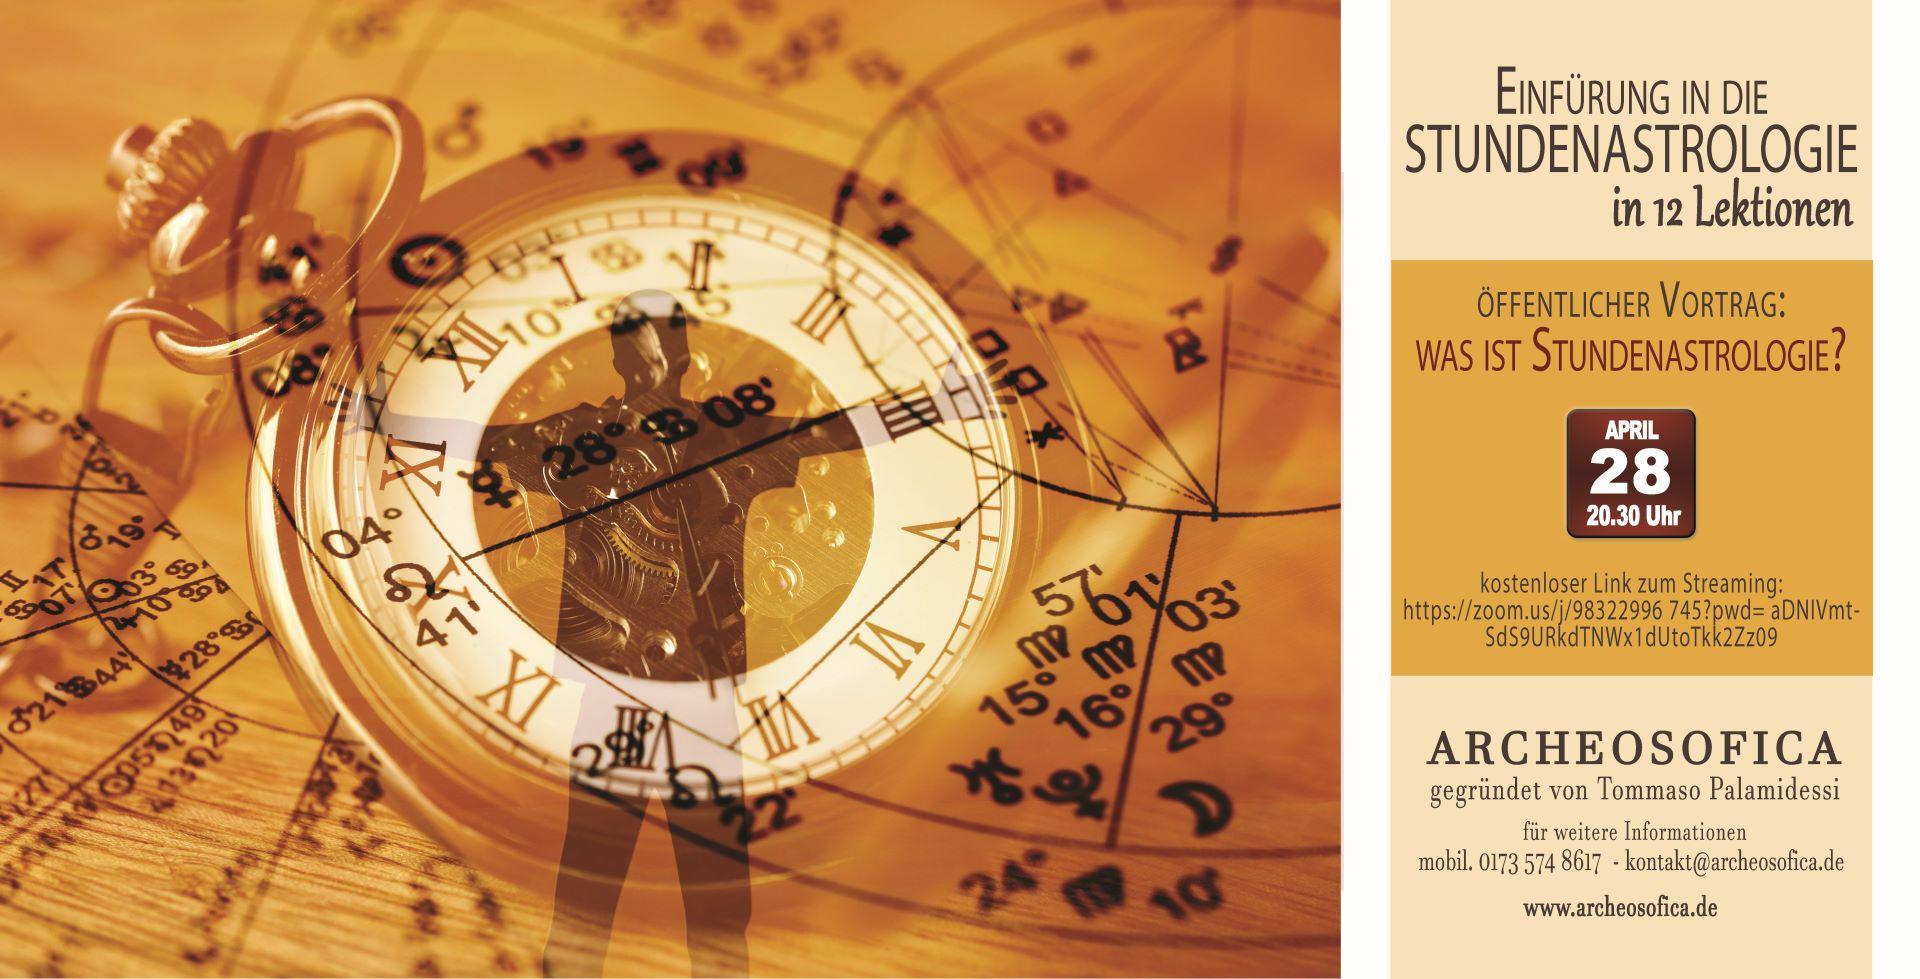 Was ist Stundenastrologie?